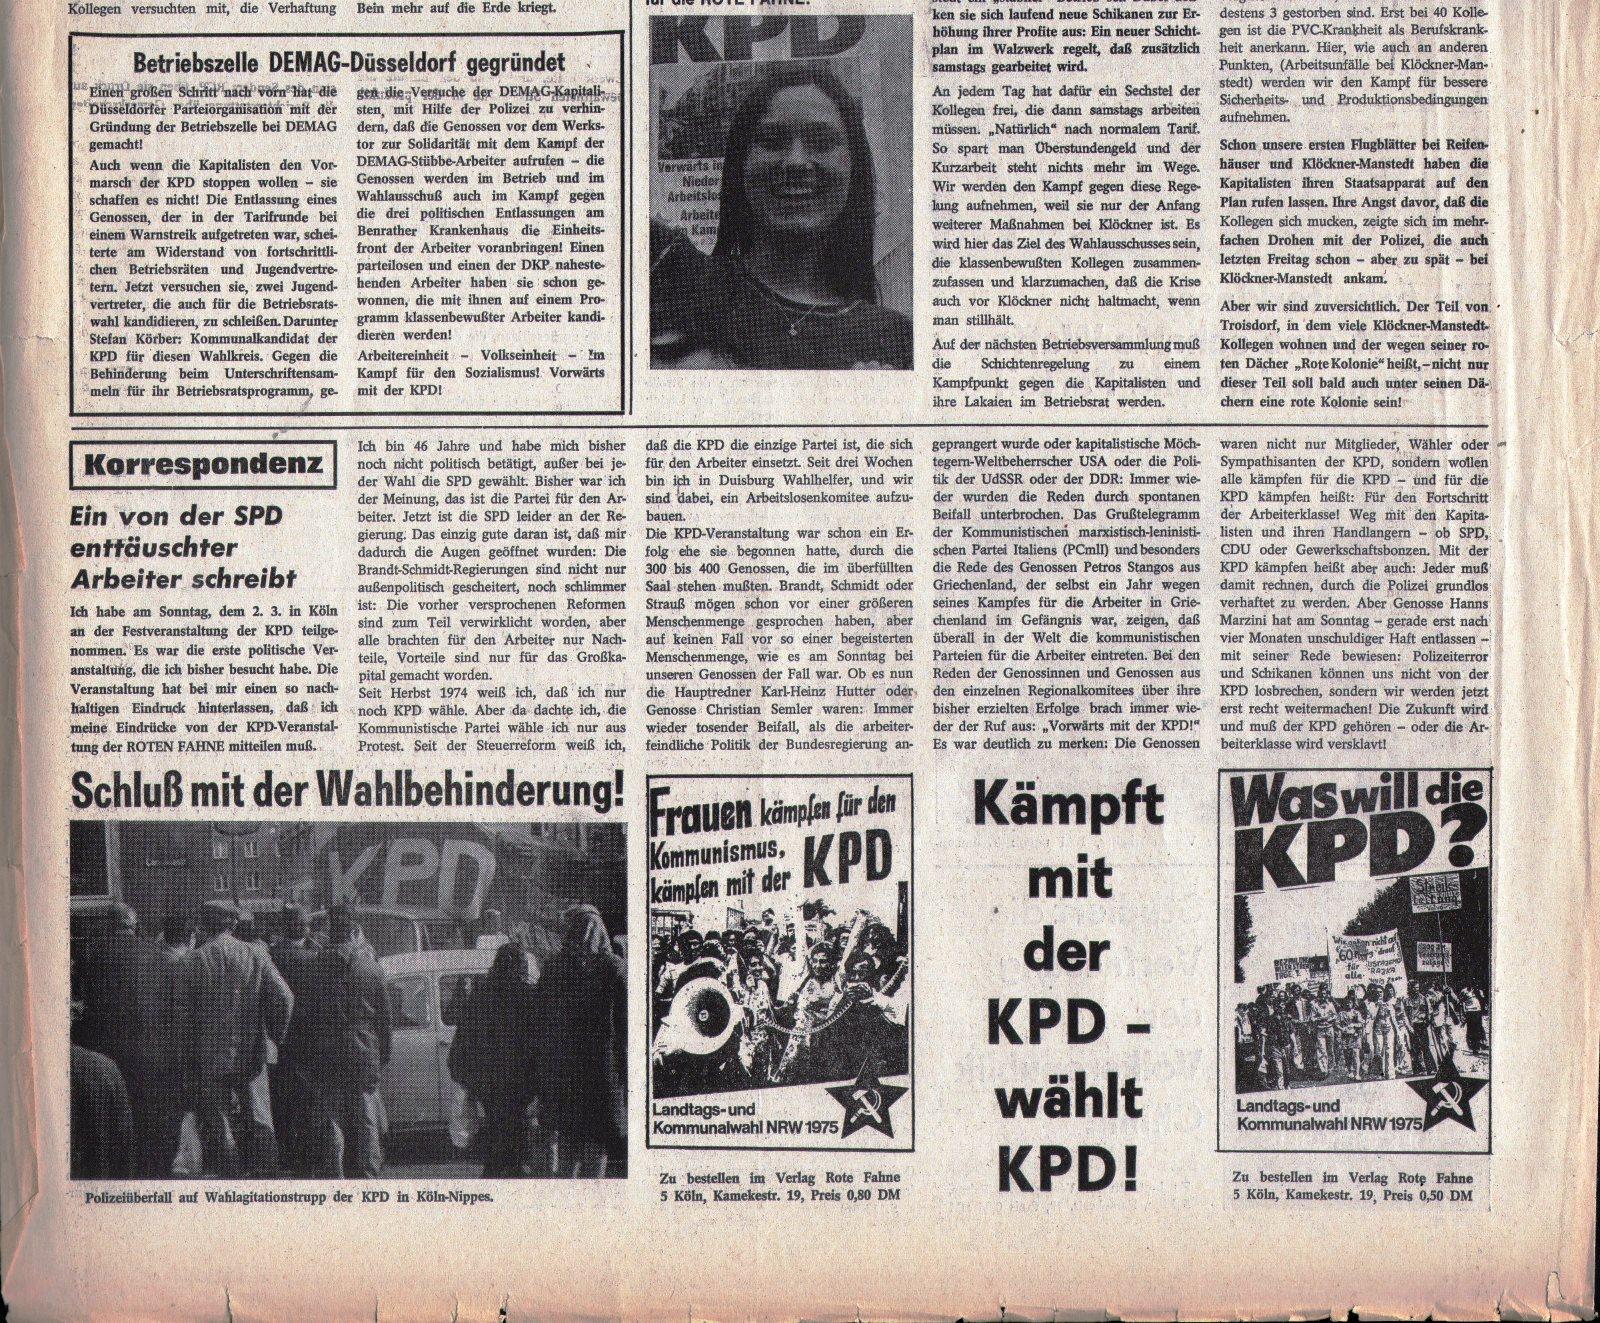 KPD_Rote_Fahne_1975_11_20